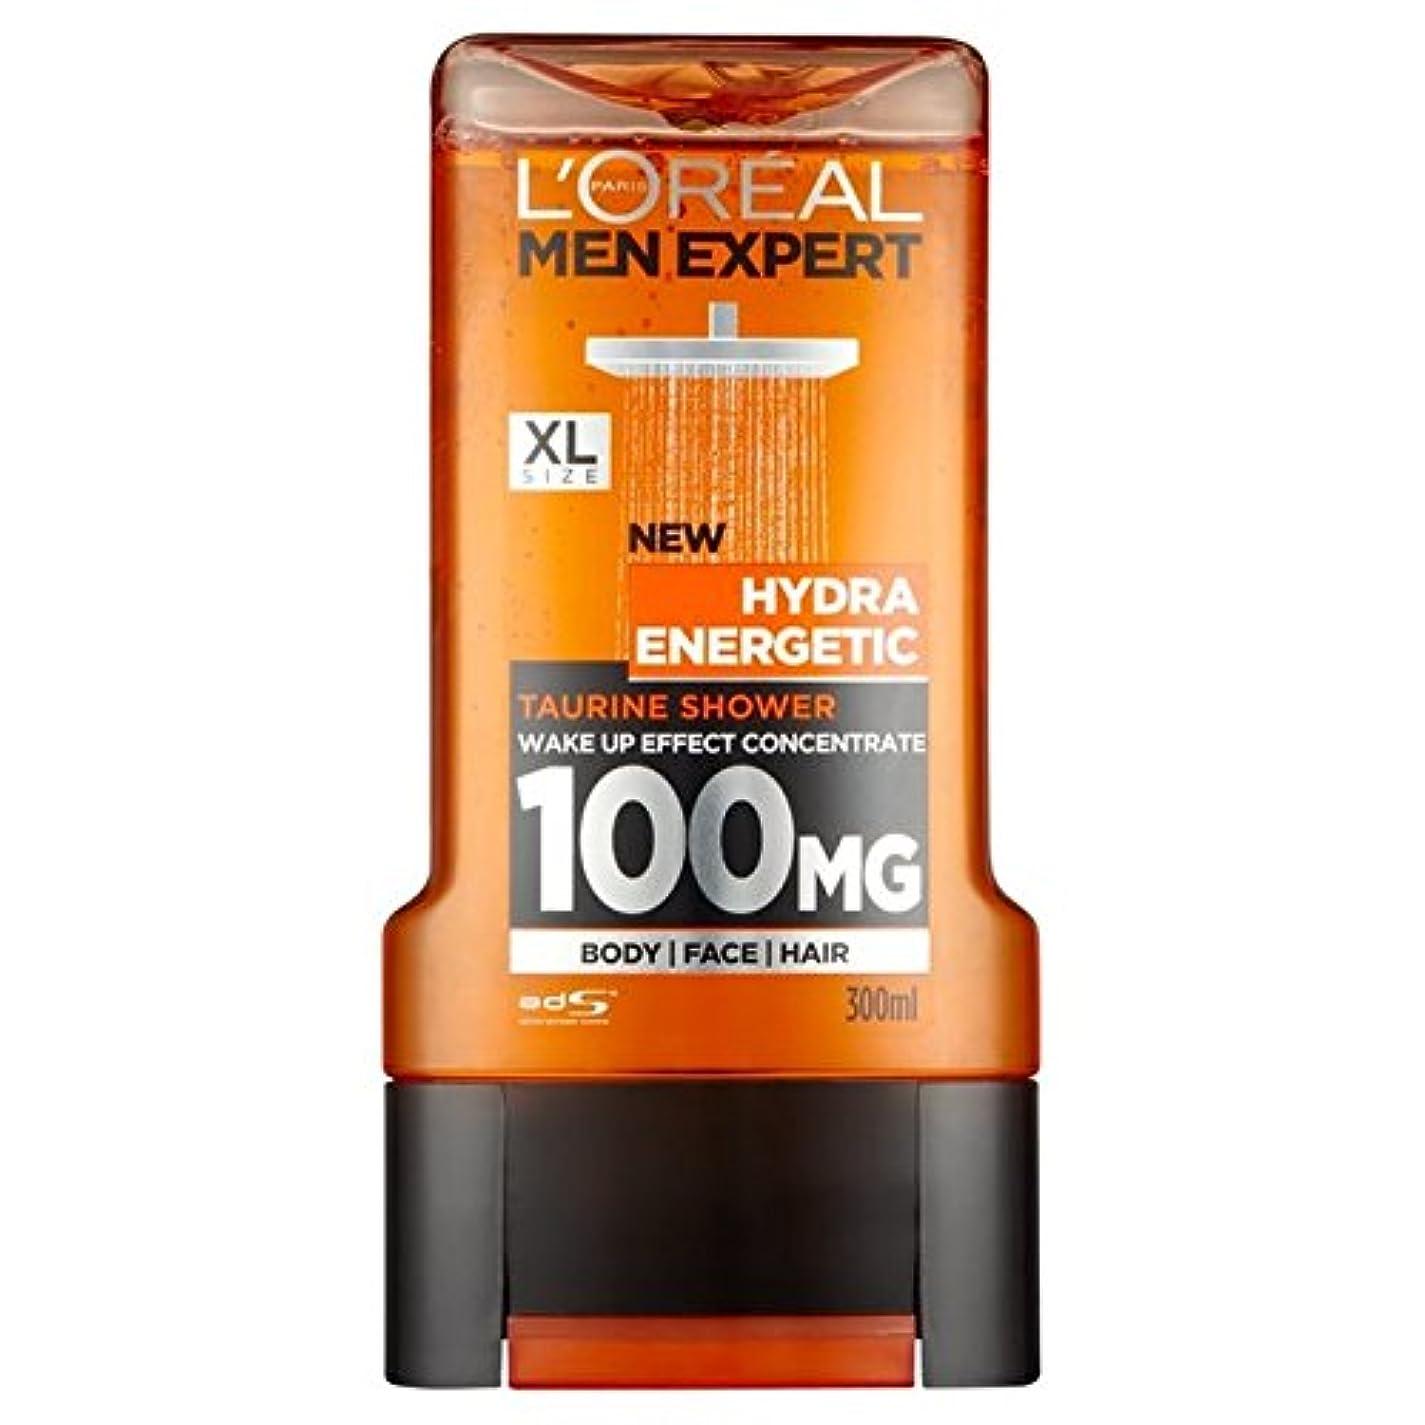 あさりレオナルドダ落胆するロレアルパリのメンズ専門家ヒドラエネルギッシュなシャワージェル300ミリリットル x2 - L'Oreal Paris Men Expert Hydra Energetic Shower Gel 300ml (Pack...